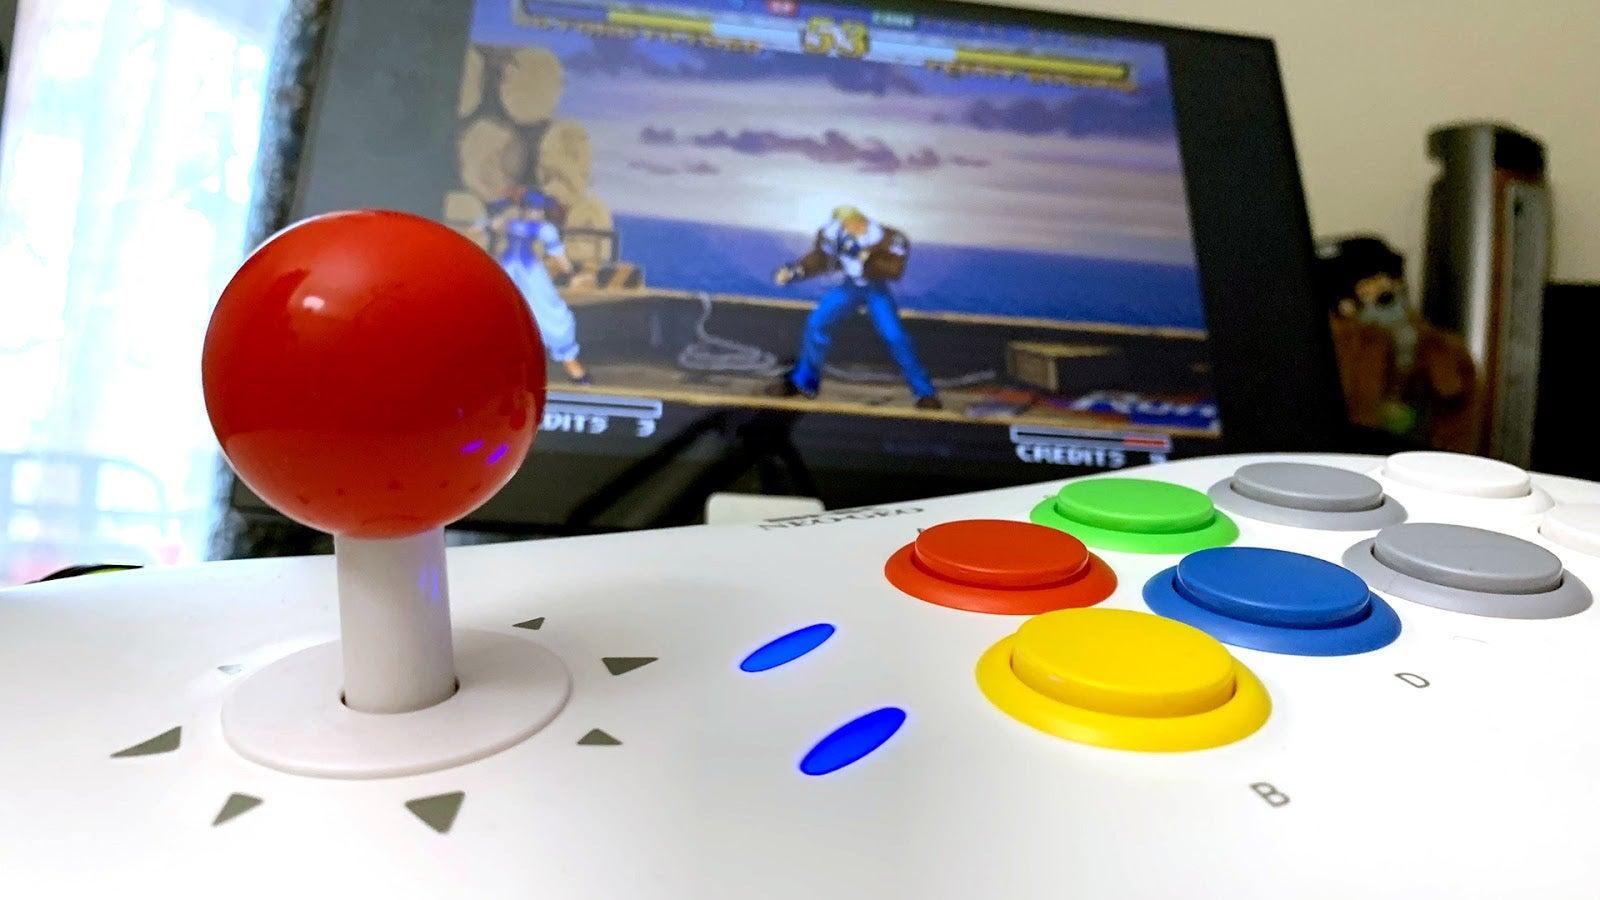 The Neo Geo Arcade Stick Pro Is A Decent Retro Console In A So-So Fight Stick